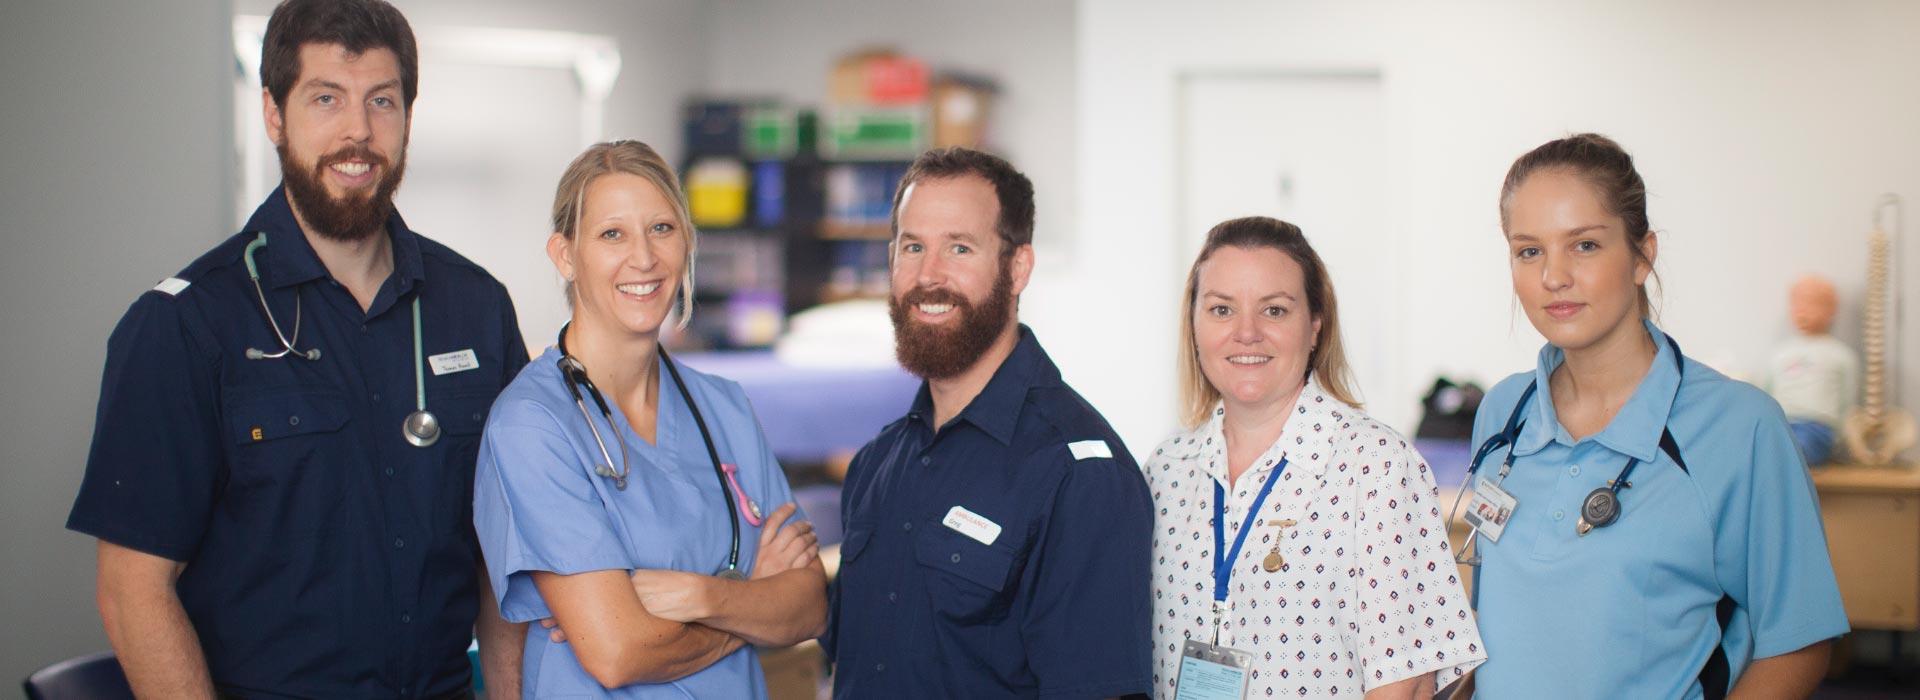 Premium Health - Health Care Training Team